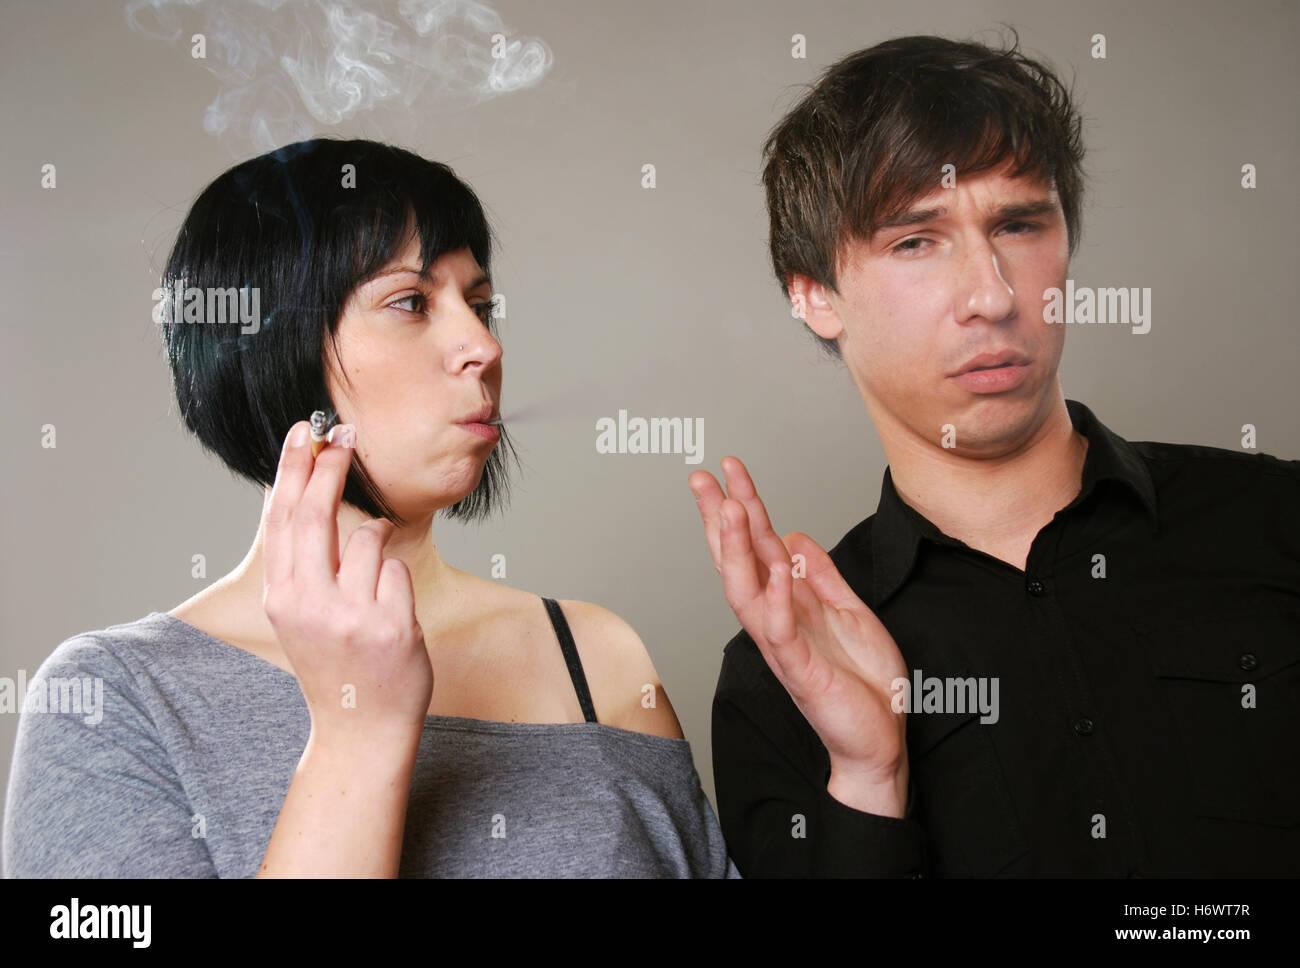 smoking vs. non smoking - Stock Image